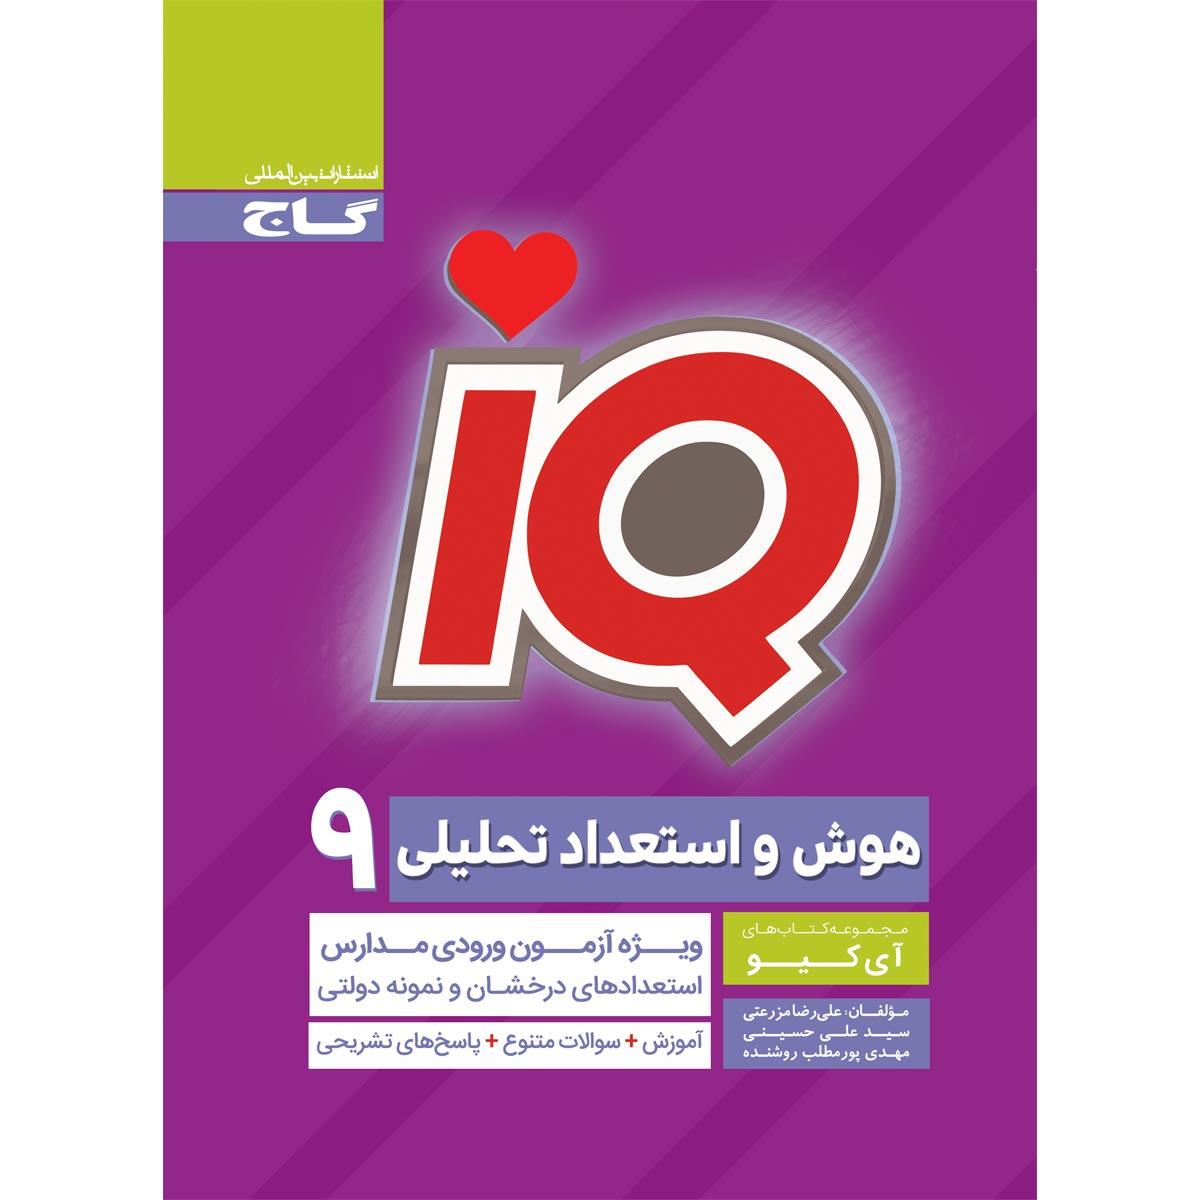 کتاب هوش و استعداد تحلیلی نهم سری iQ انتشارات بین المللی گاج